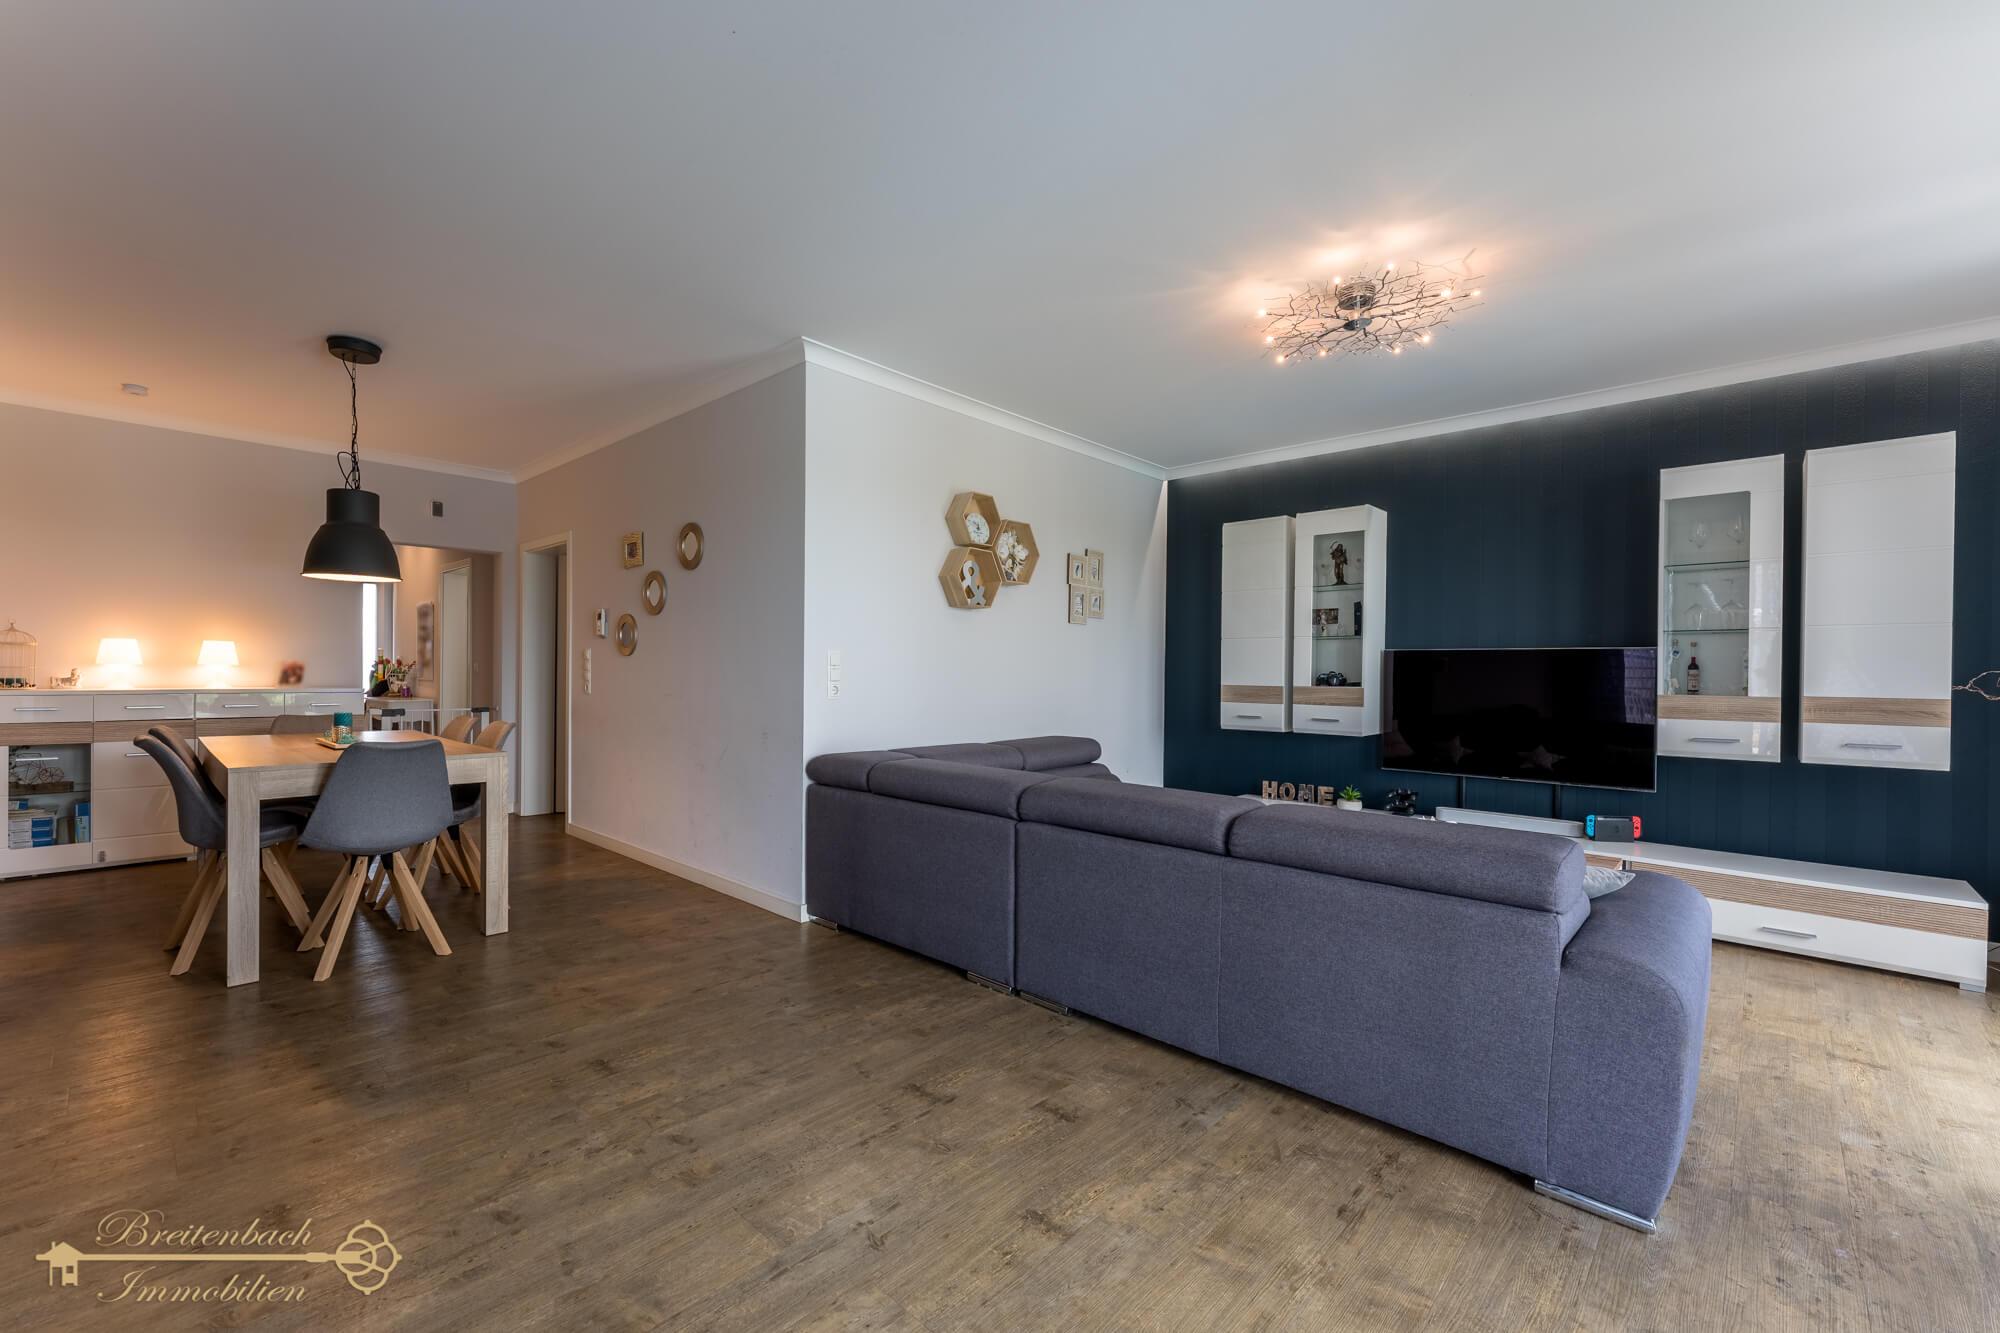 2021-05-20-Breitenbach-Immobilien-Makler-Bremen-14